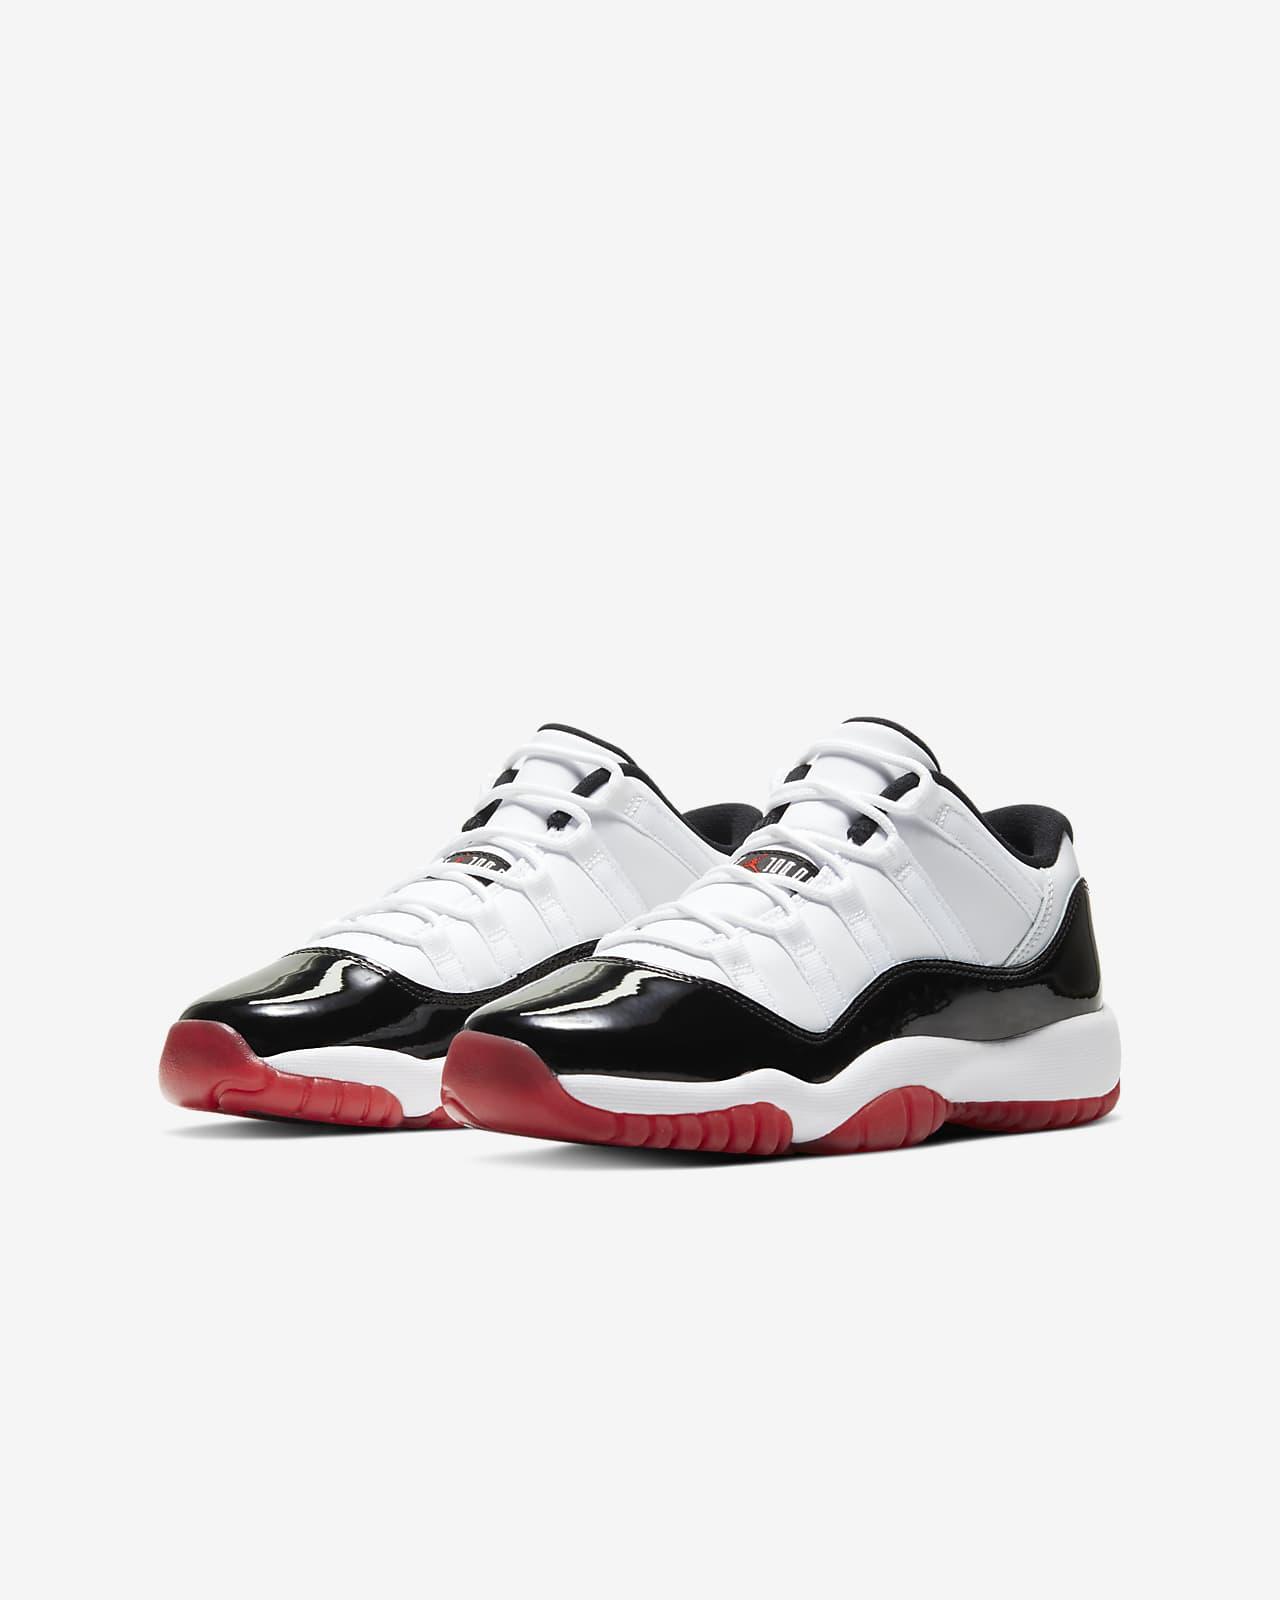 Air Jordan 11 Retro Low Big Kids' Shoe